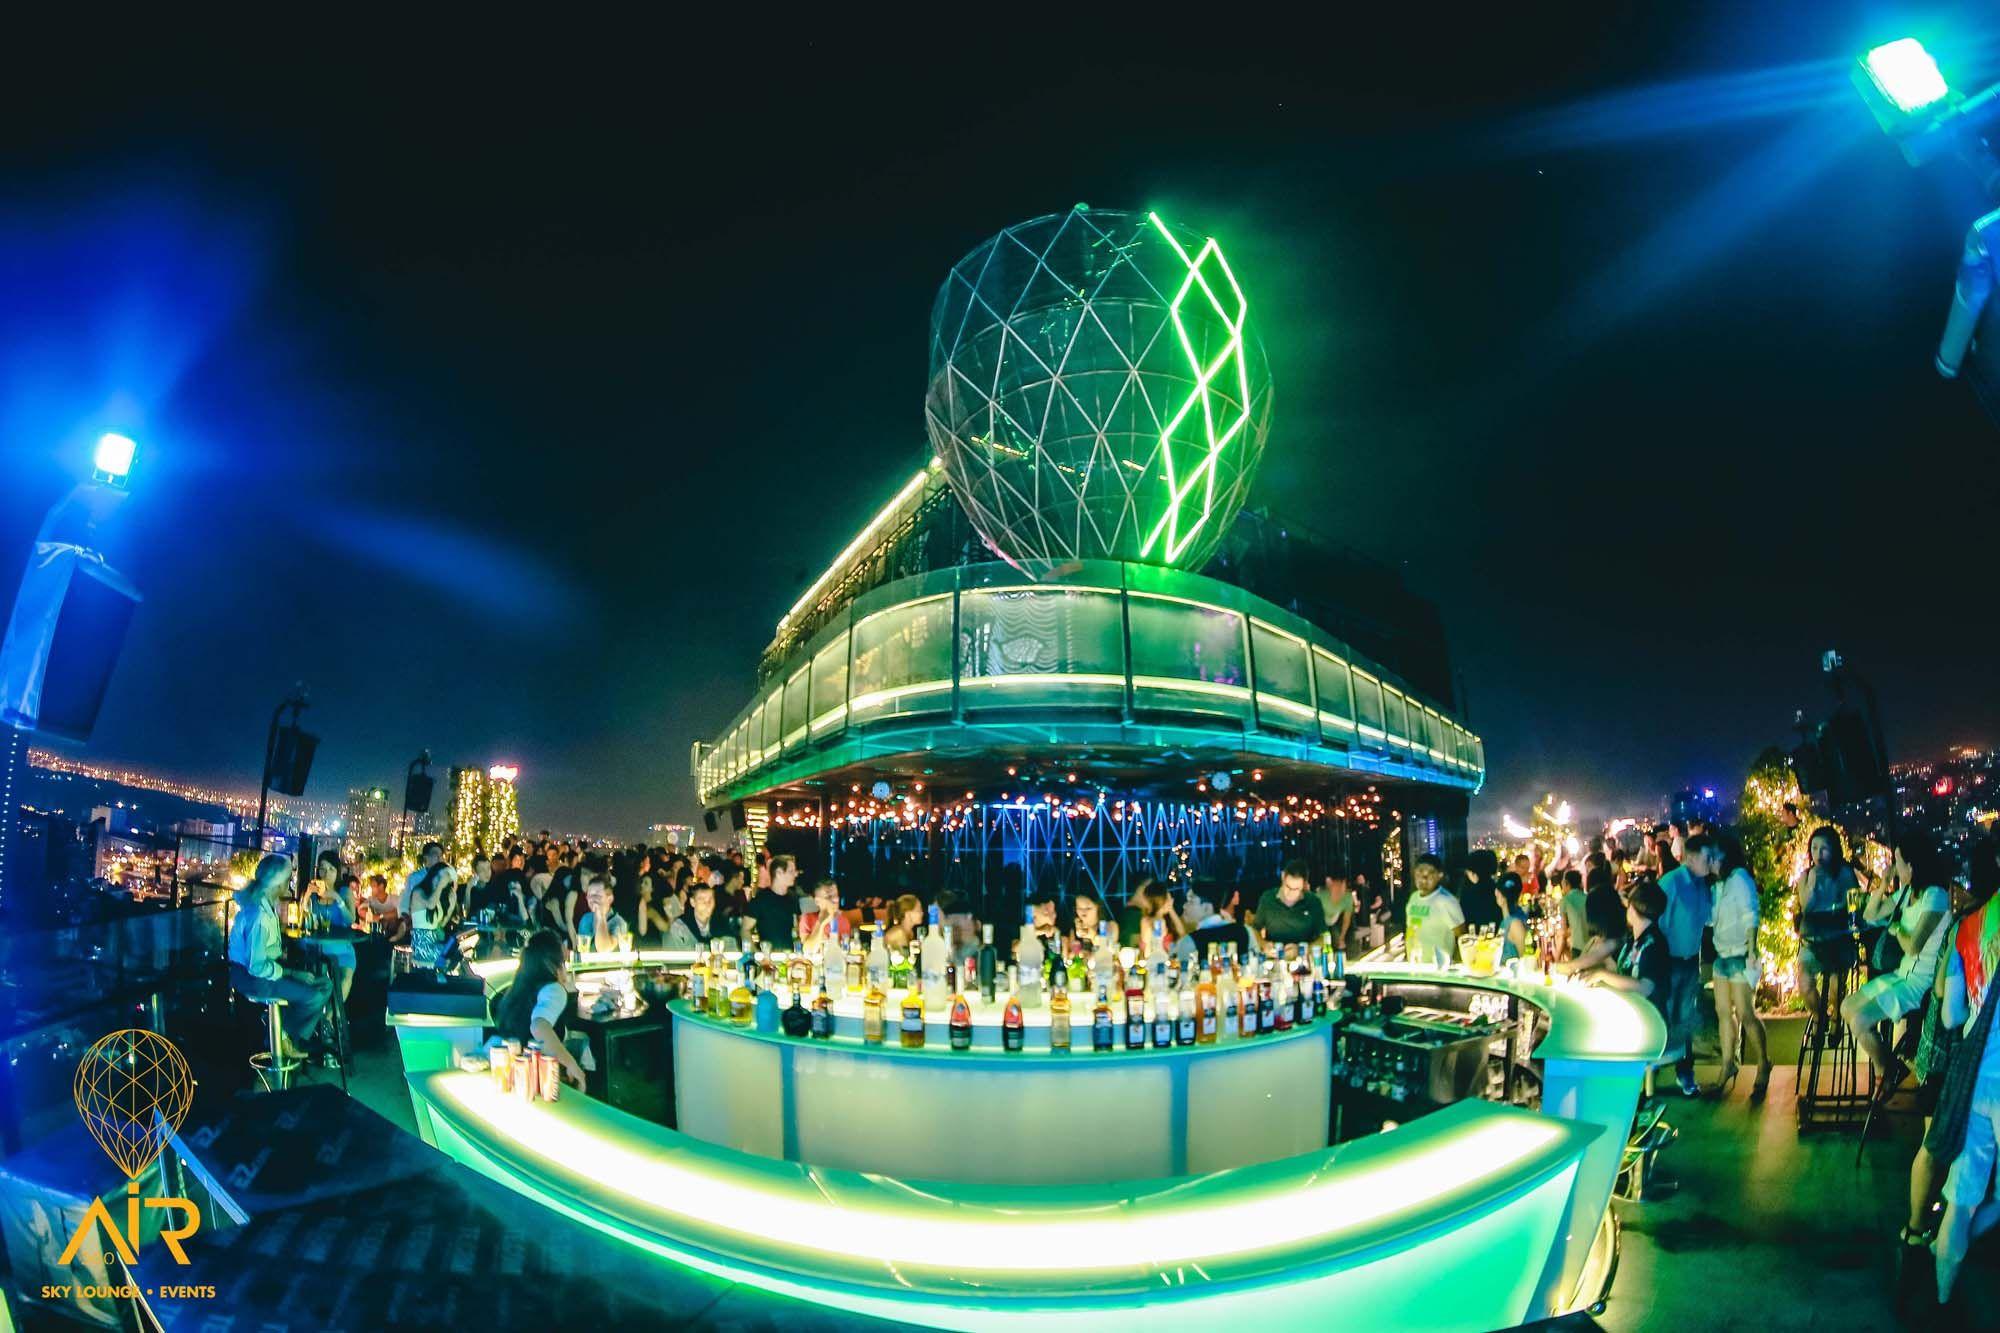 Top 10 Quán Bar Nổi Tiếng Nhất Sài Gòn Nhất Định Bạn Phải Biết 2